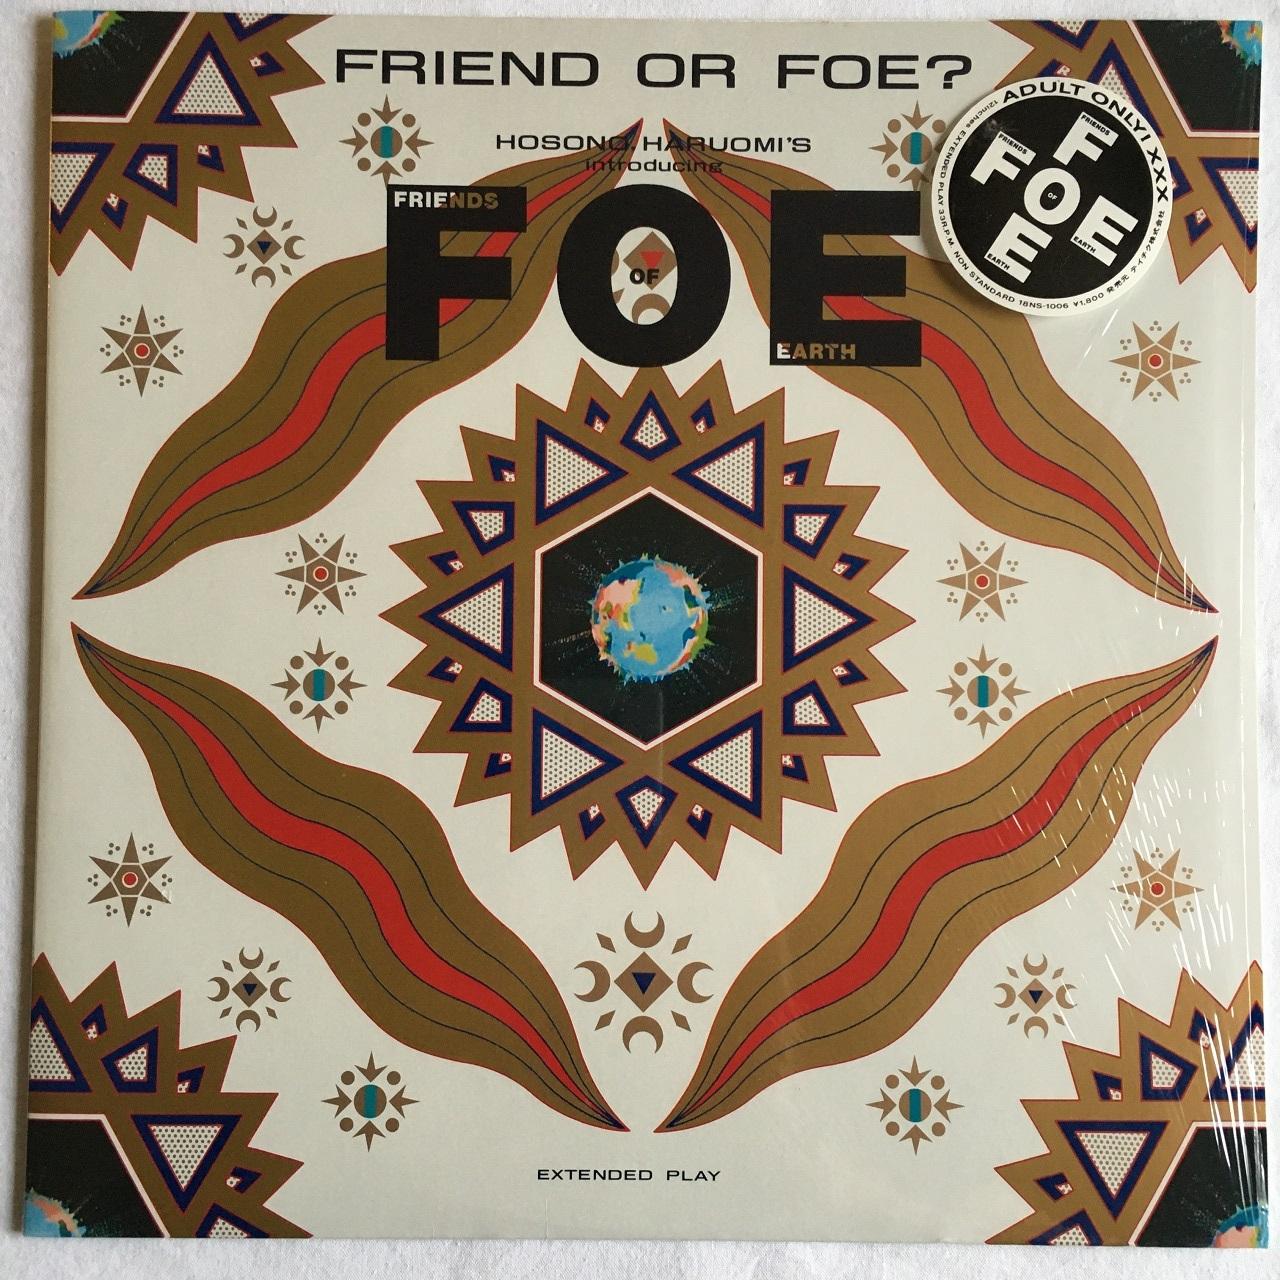 【12inch・国内盤】FOE (Friends of Earth)  / FRIEND OR FOE?